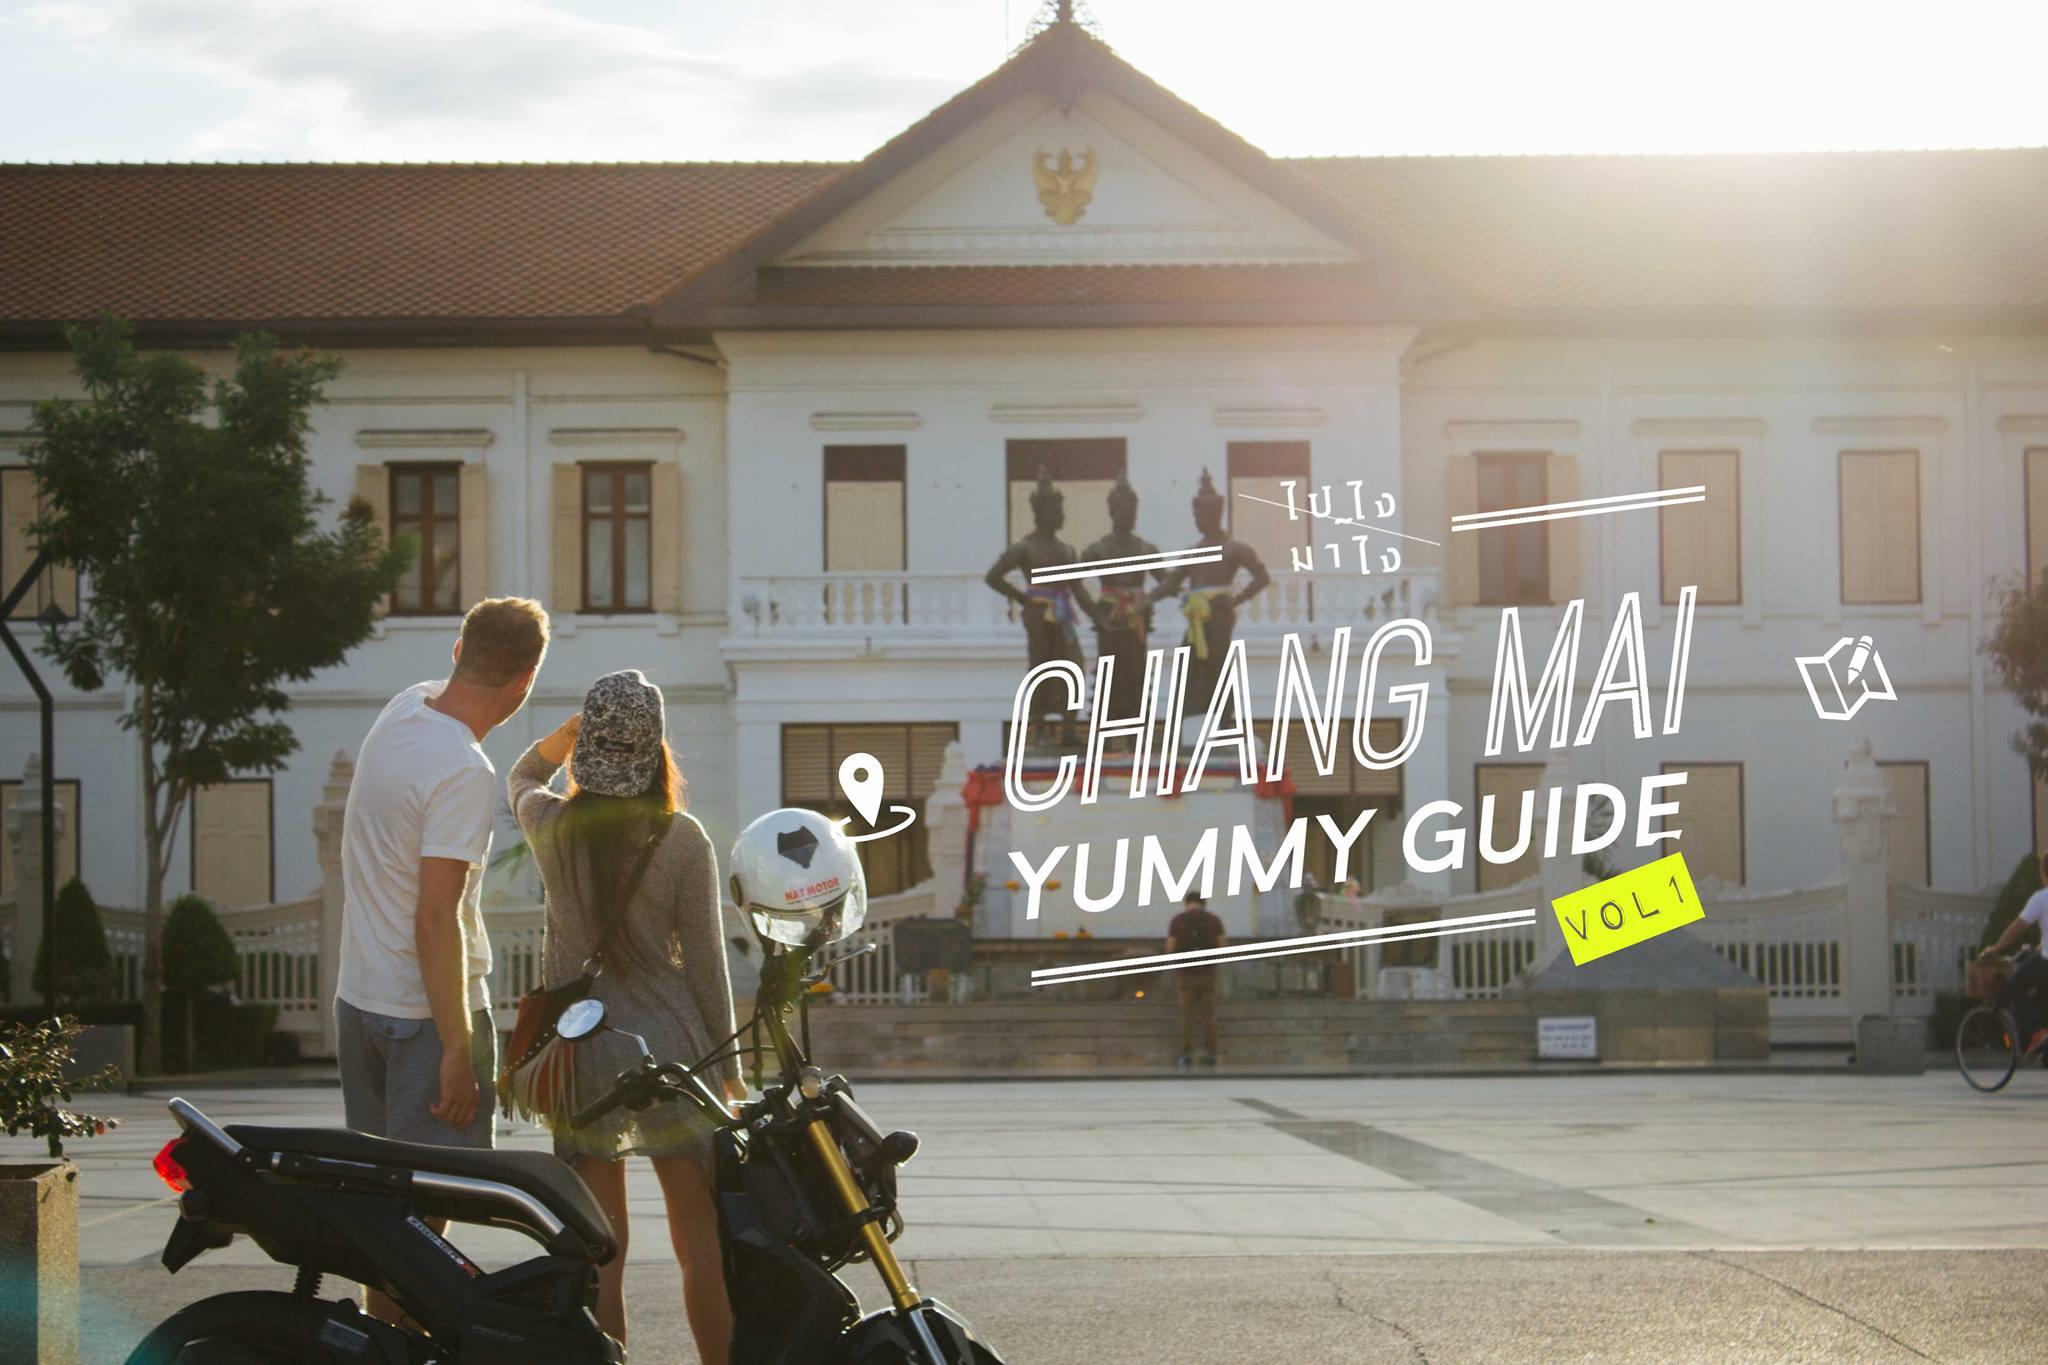 CHIANG MAI ,YUMMY GUIDE Vol.1